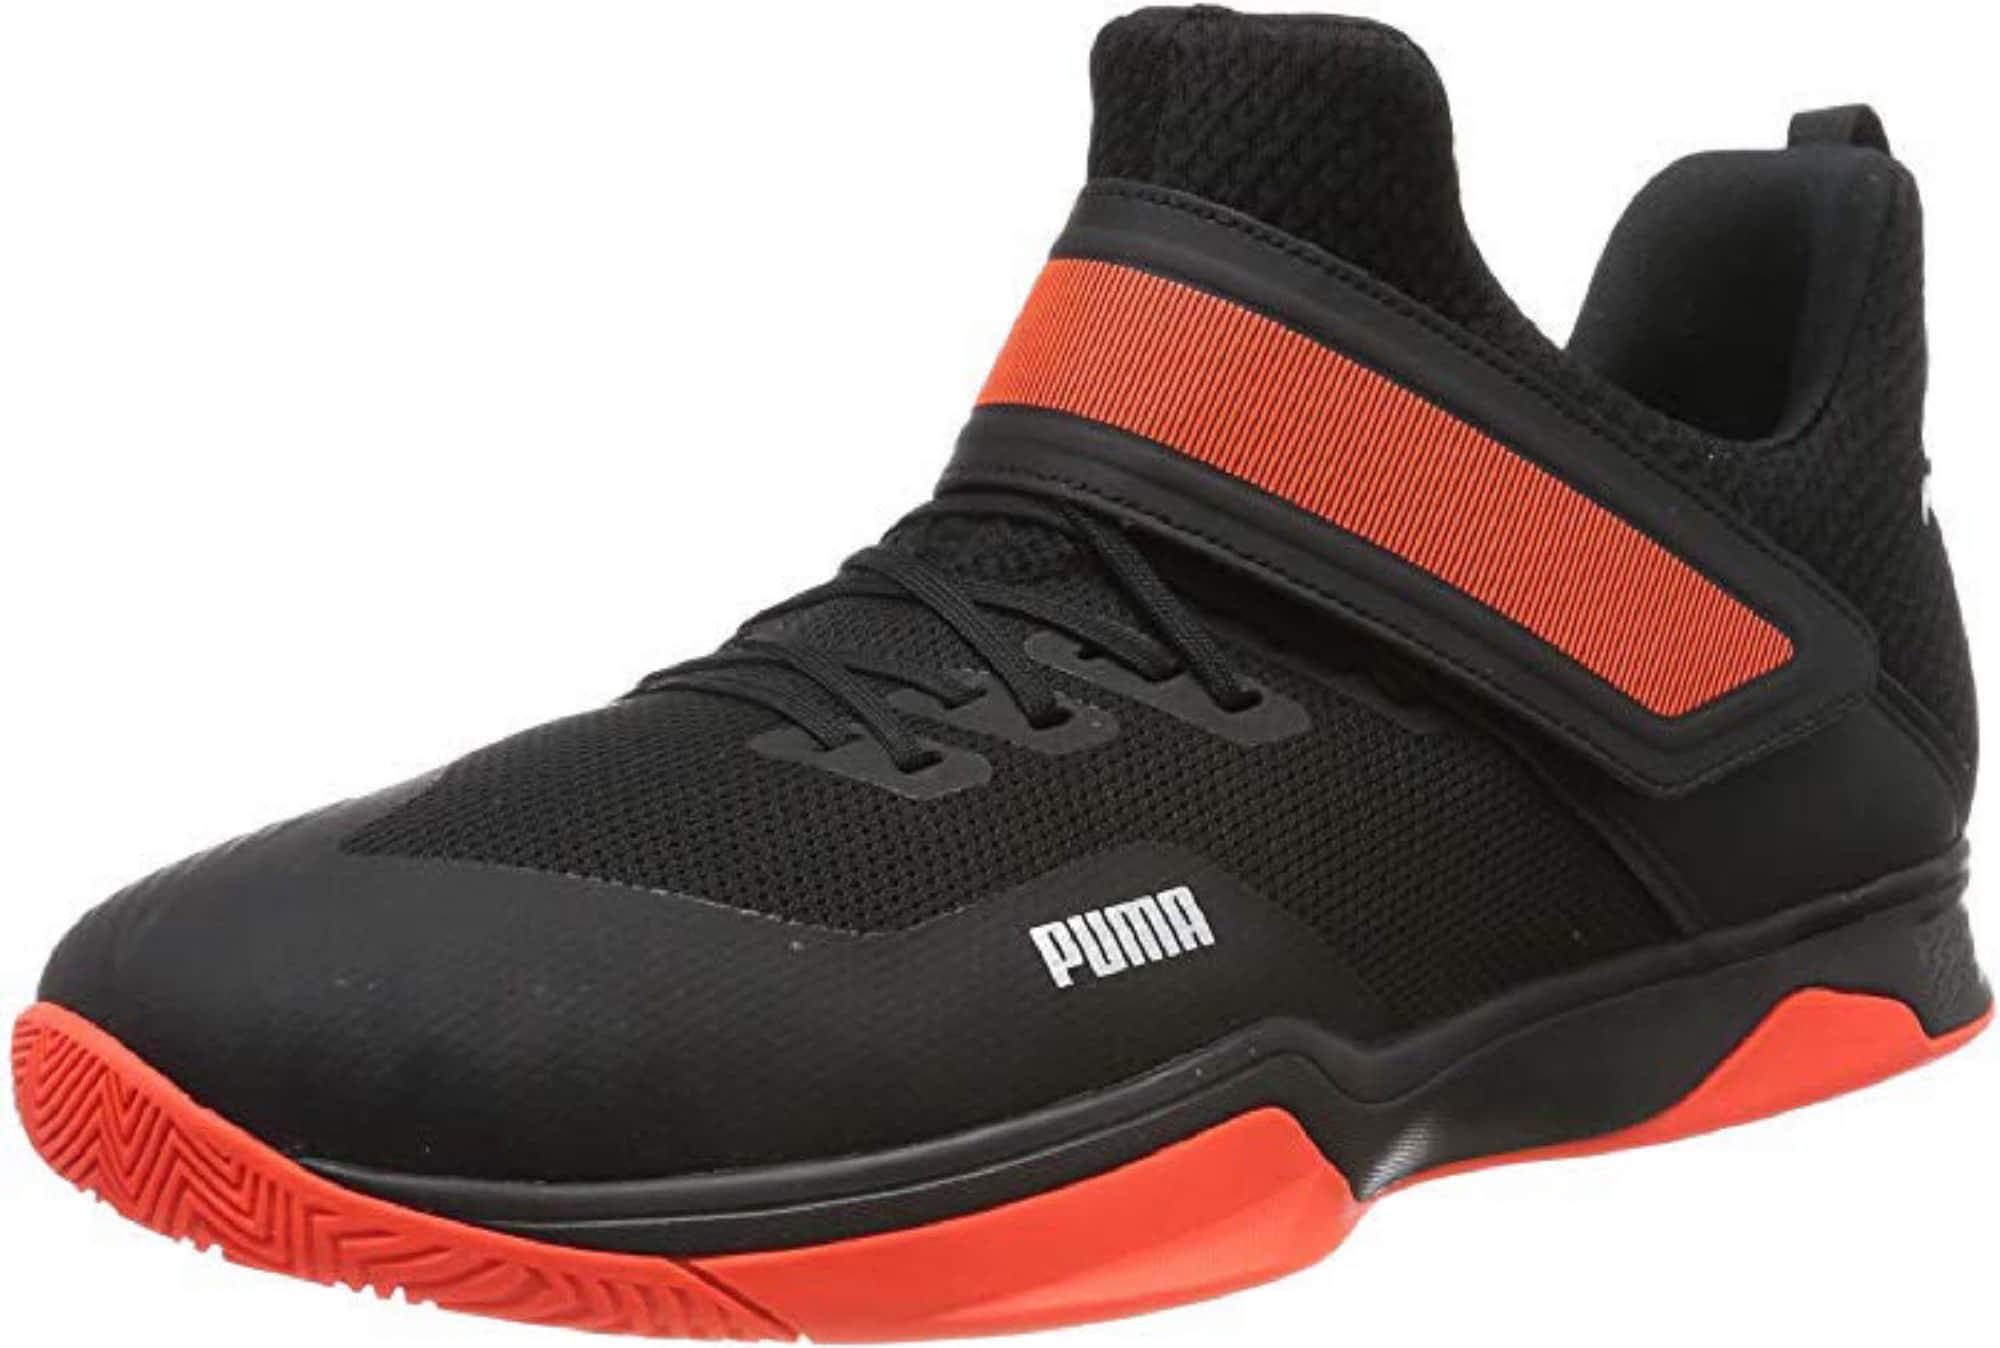 Handballschuh 'Rise XT Netfit 2' | Schuhe > Sportschuhe > Handballschuhe | Puma